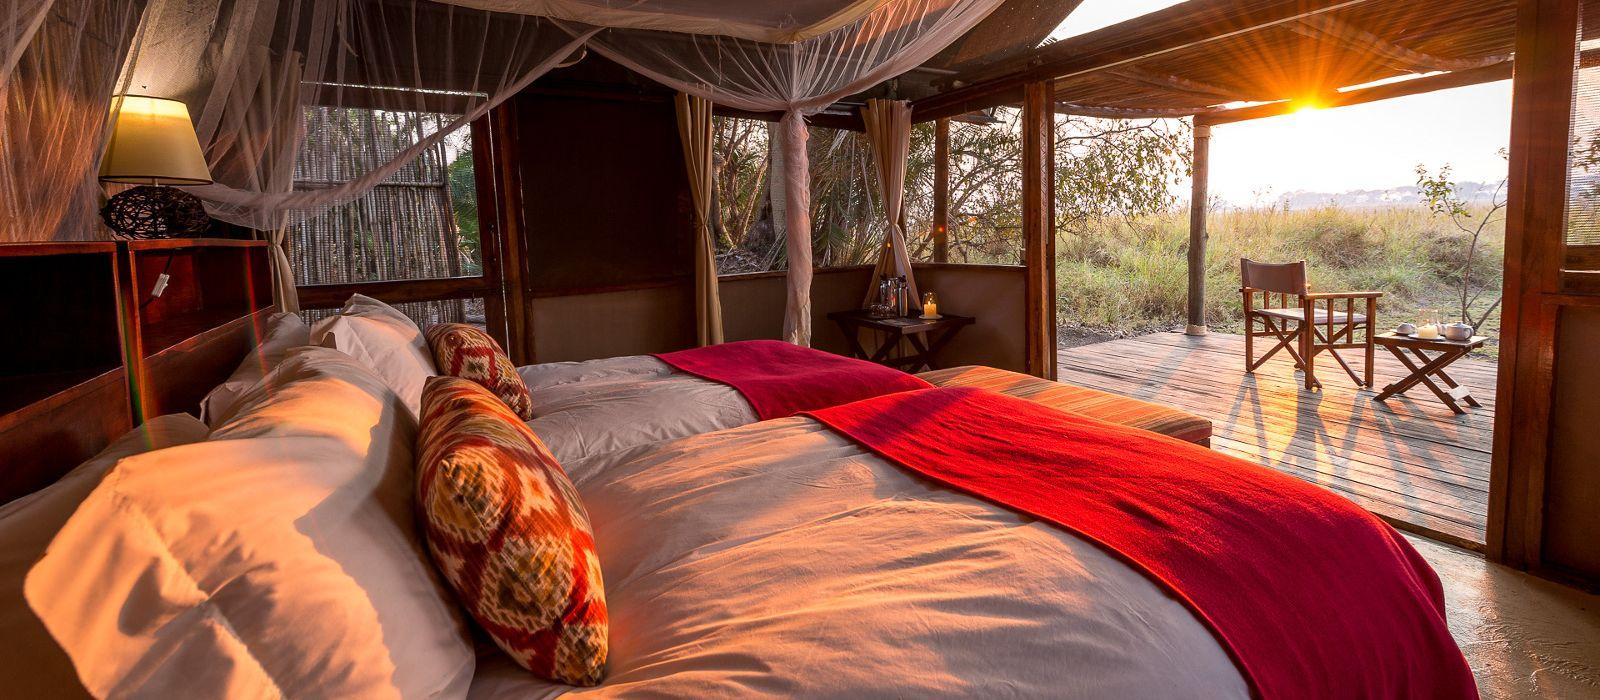 Hotel Busanga Bush Camp Zambia